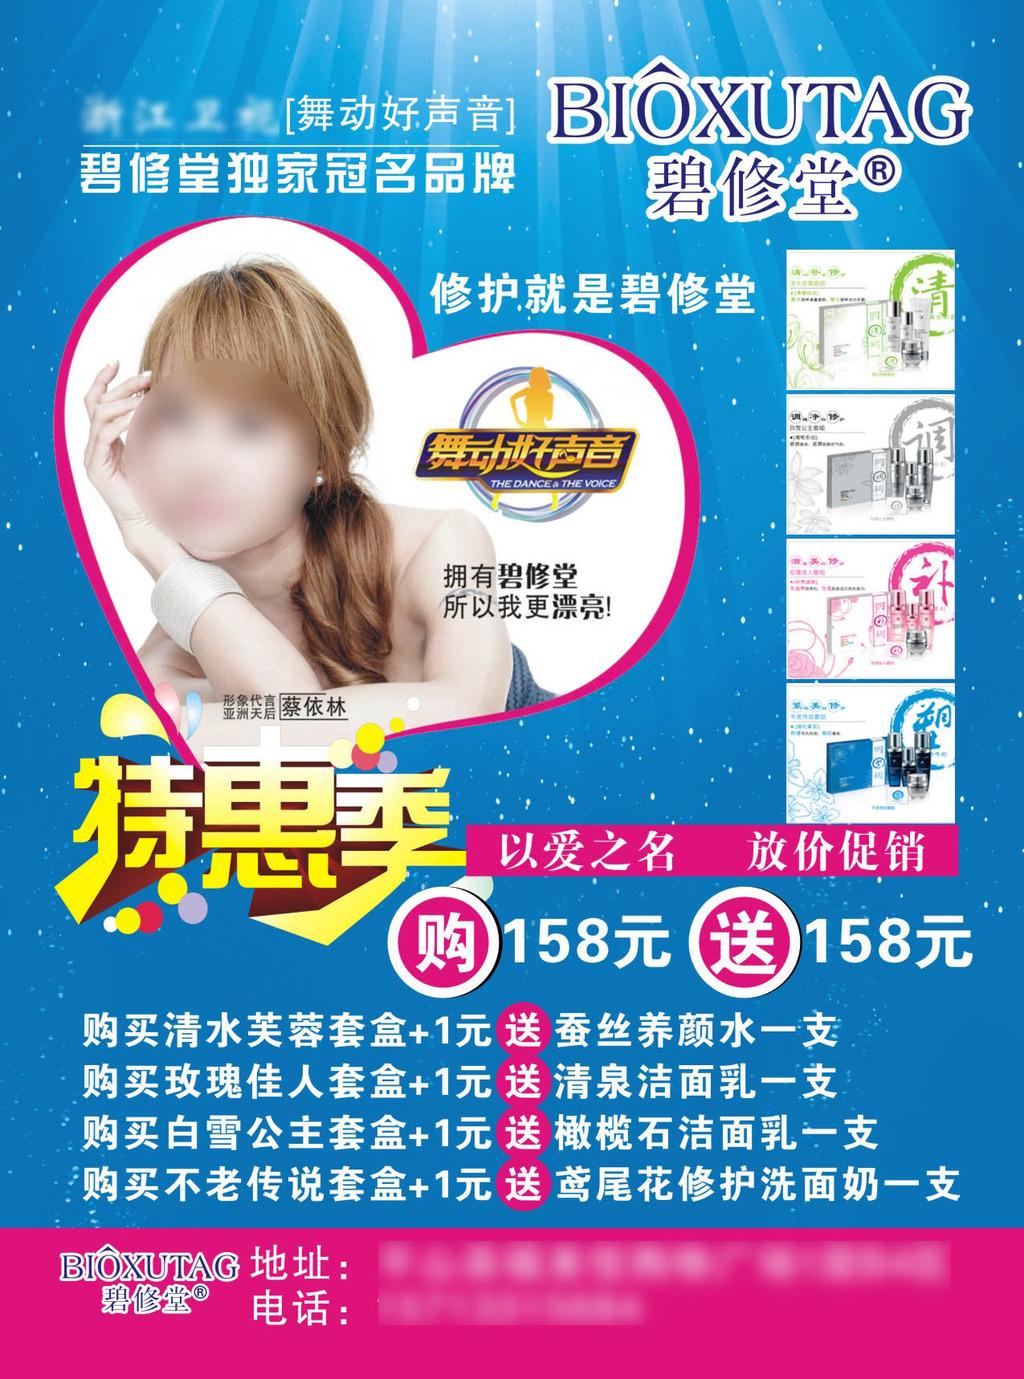 蓝色简洁护肤品宣传单页模板下载 蓝色简洁护肤品宣传单页图片下载